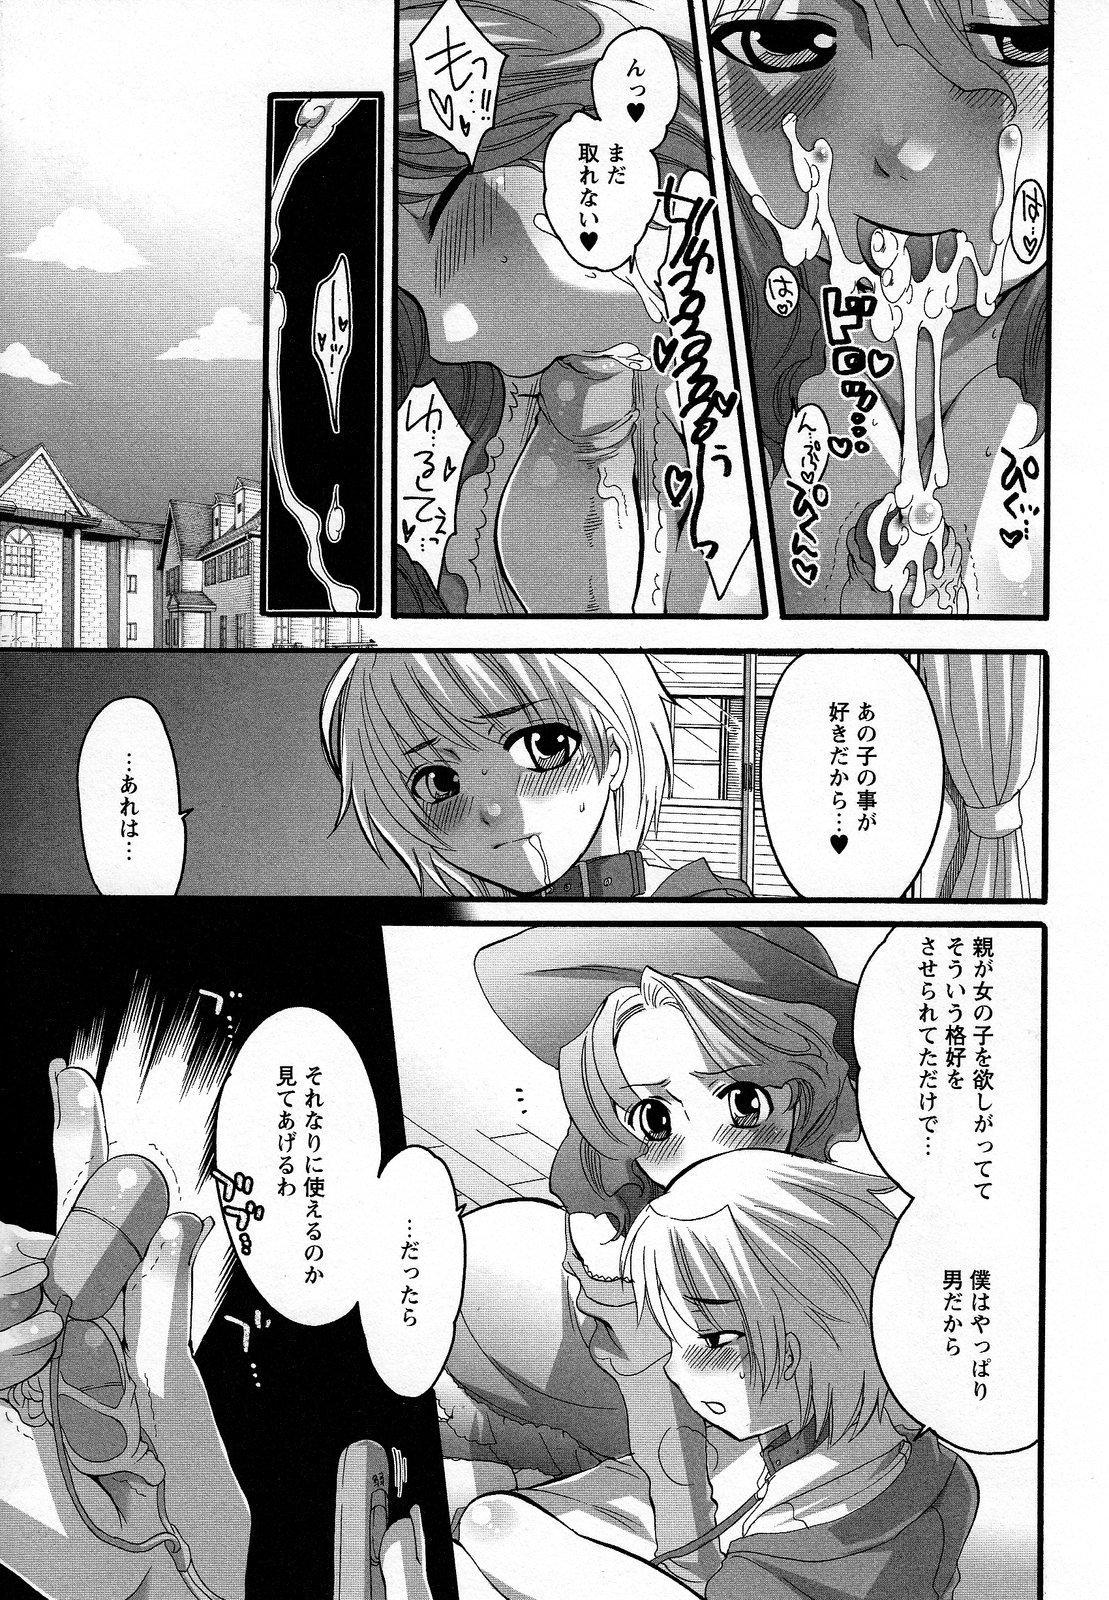 Boku ga Onee-sama no Mesu Dorei ni Narutoki 16